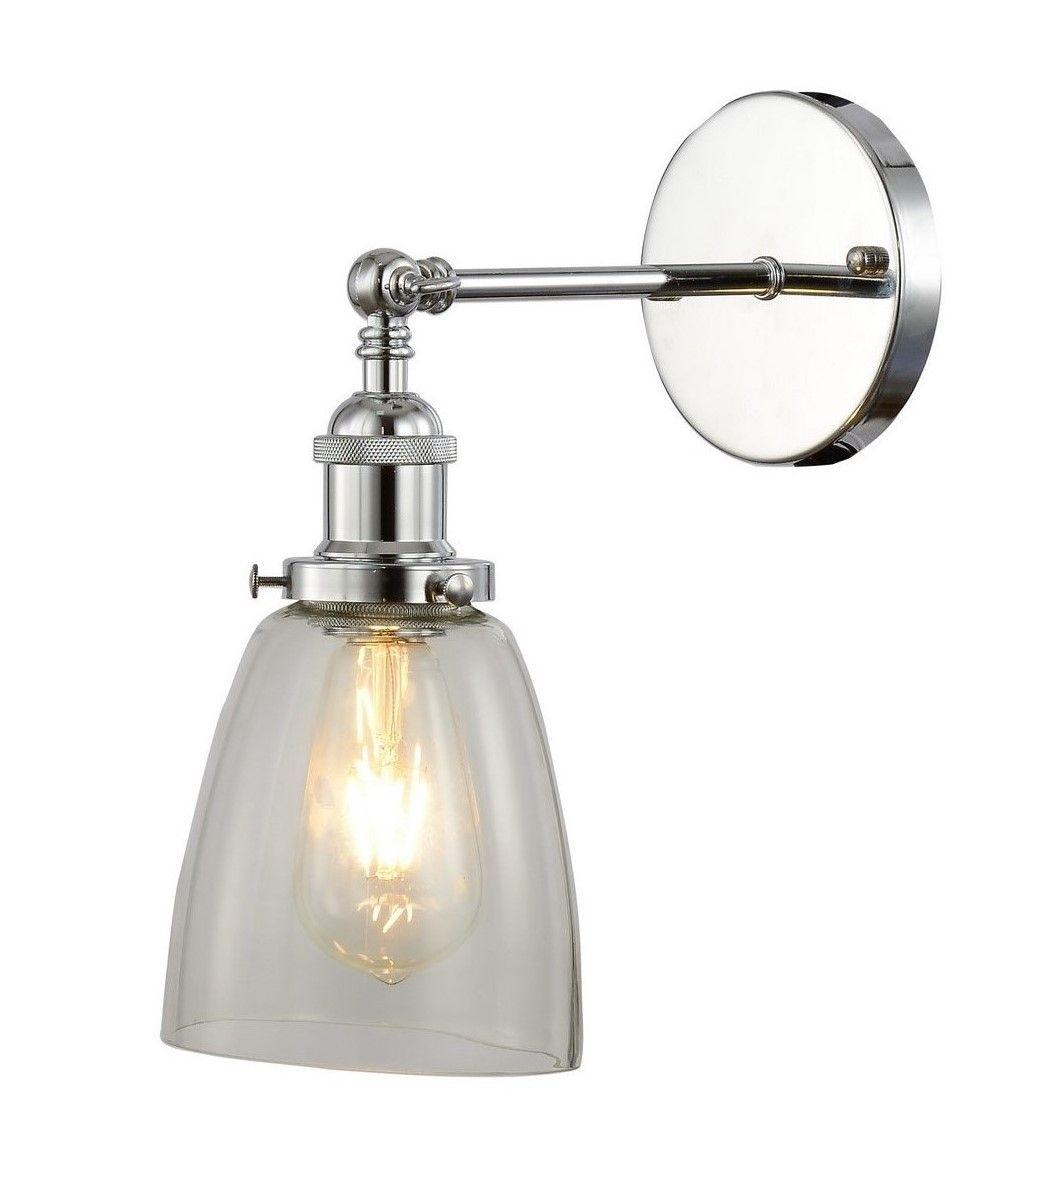 Настенный светильник Lumina Deco Fabi LDW 6800-1 CHR+PR, 1xE27x40W, хром, прозрачный, металл, стекло - фото 1